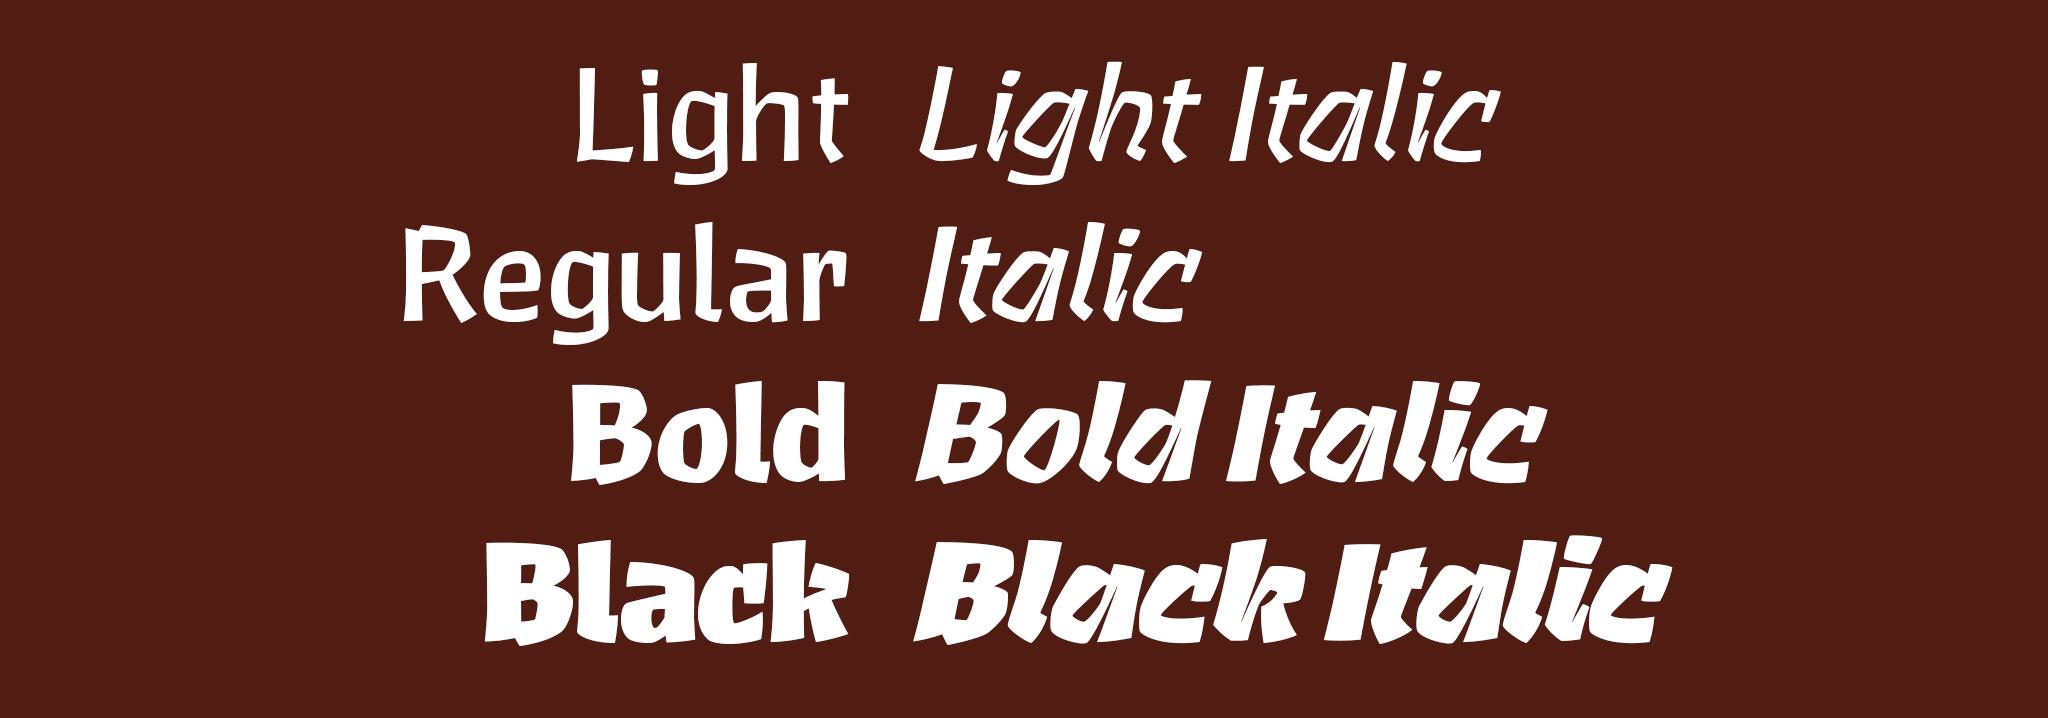 JTT-Brucker-fonts.png